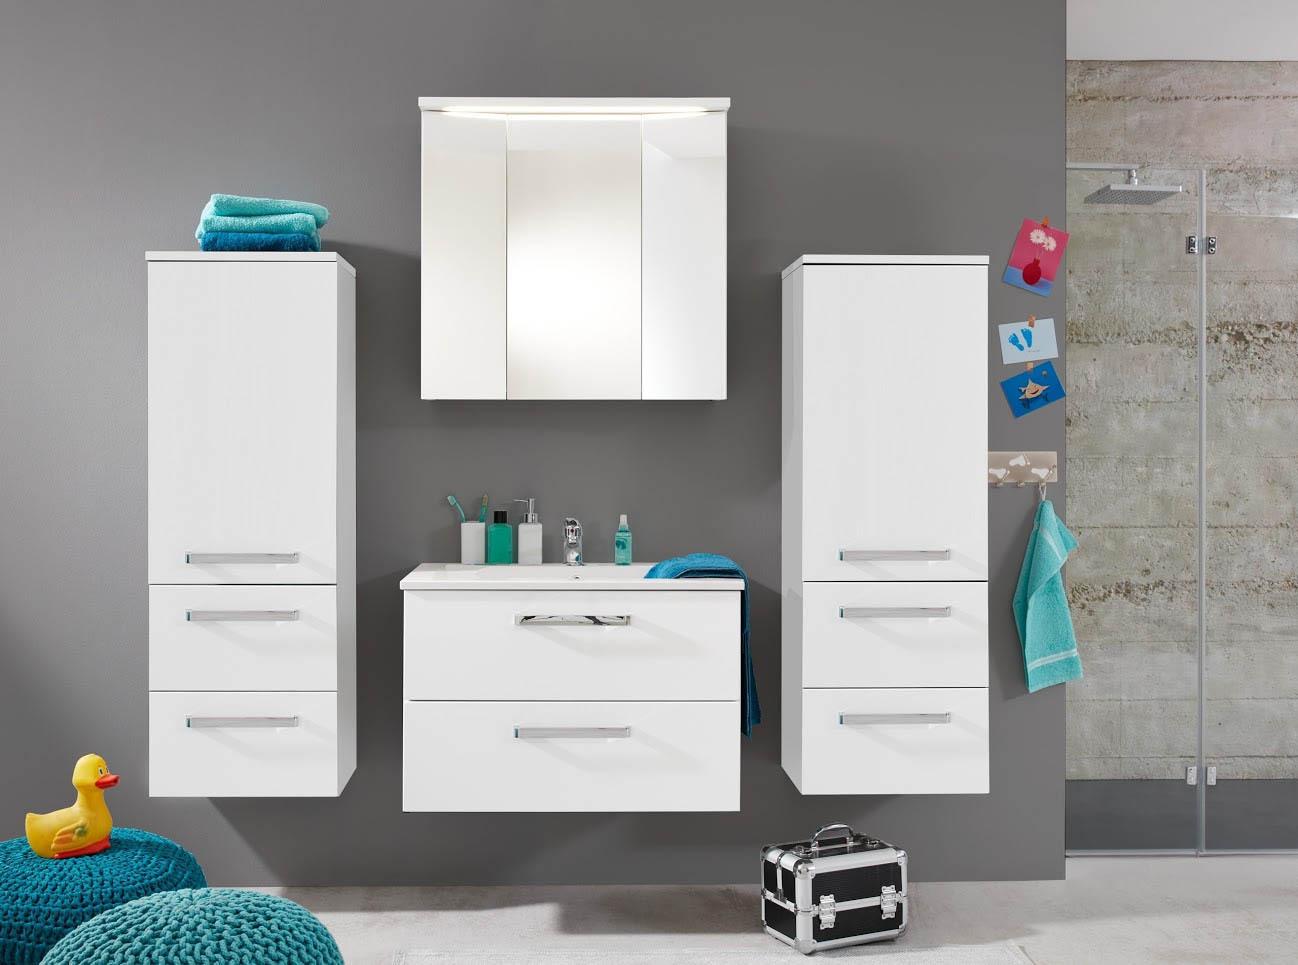 composizione per bagno abram mobili moderni in due colori. Black Bedroom Furniture Sets. Home Design Ideas